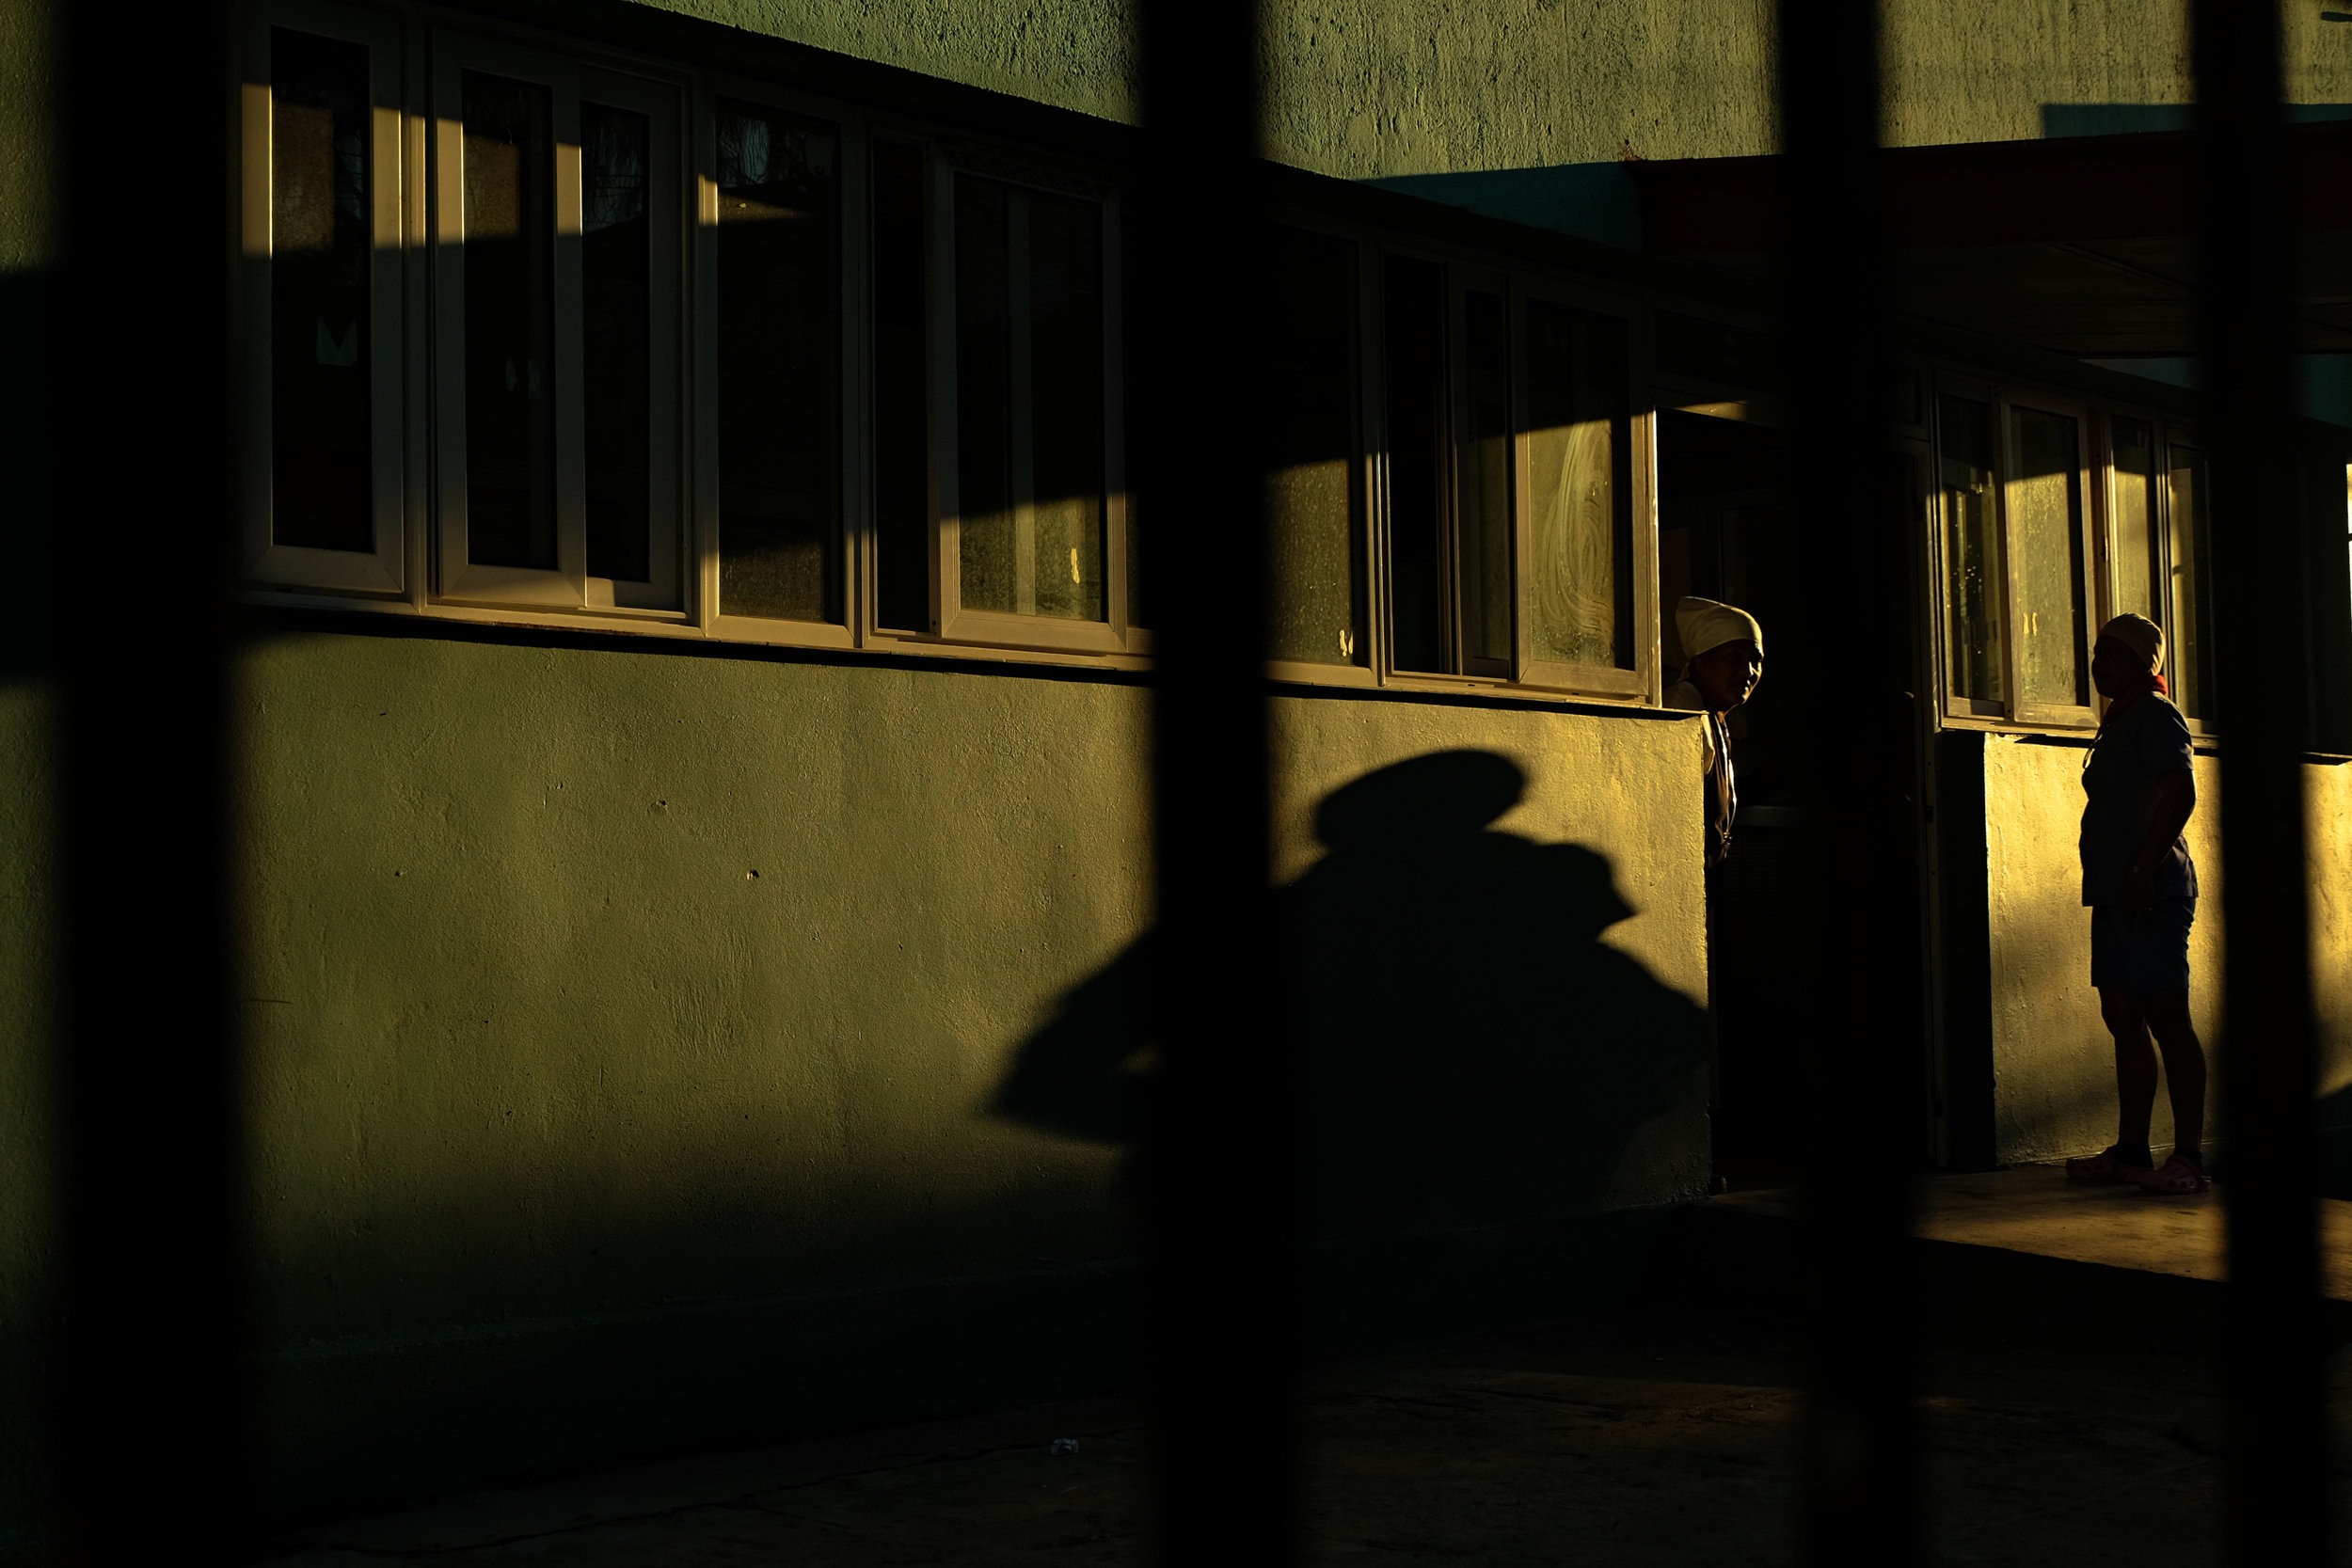 Krankenhaus_Schatten_Kopf.jpg